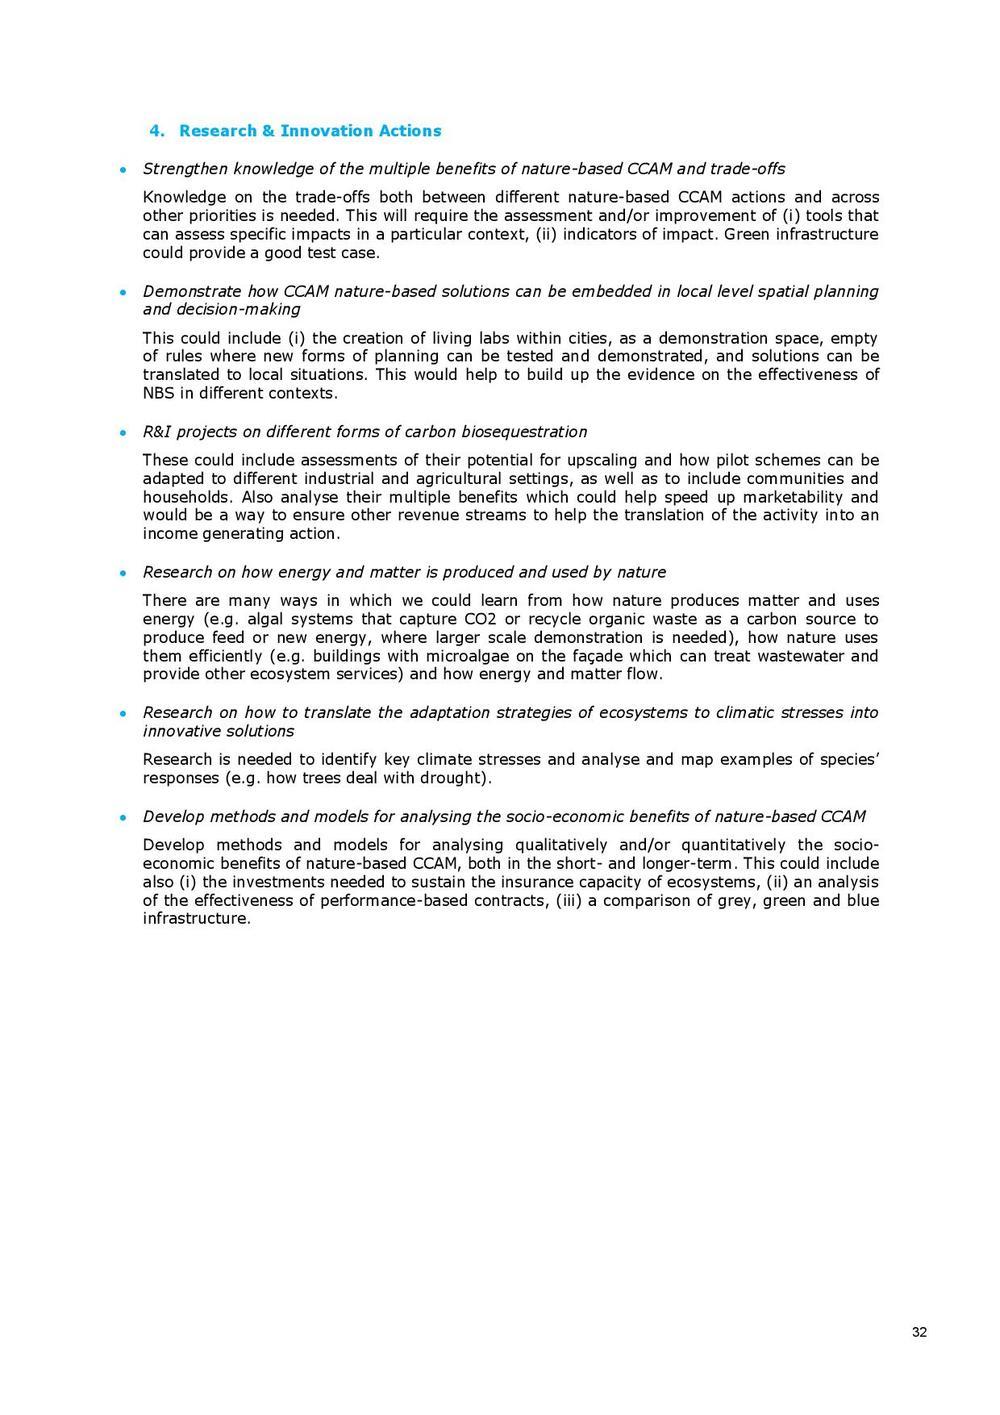 DG RTD_WEB-Publication A4_NBS_long_version_20150310-page-034.jpg